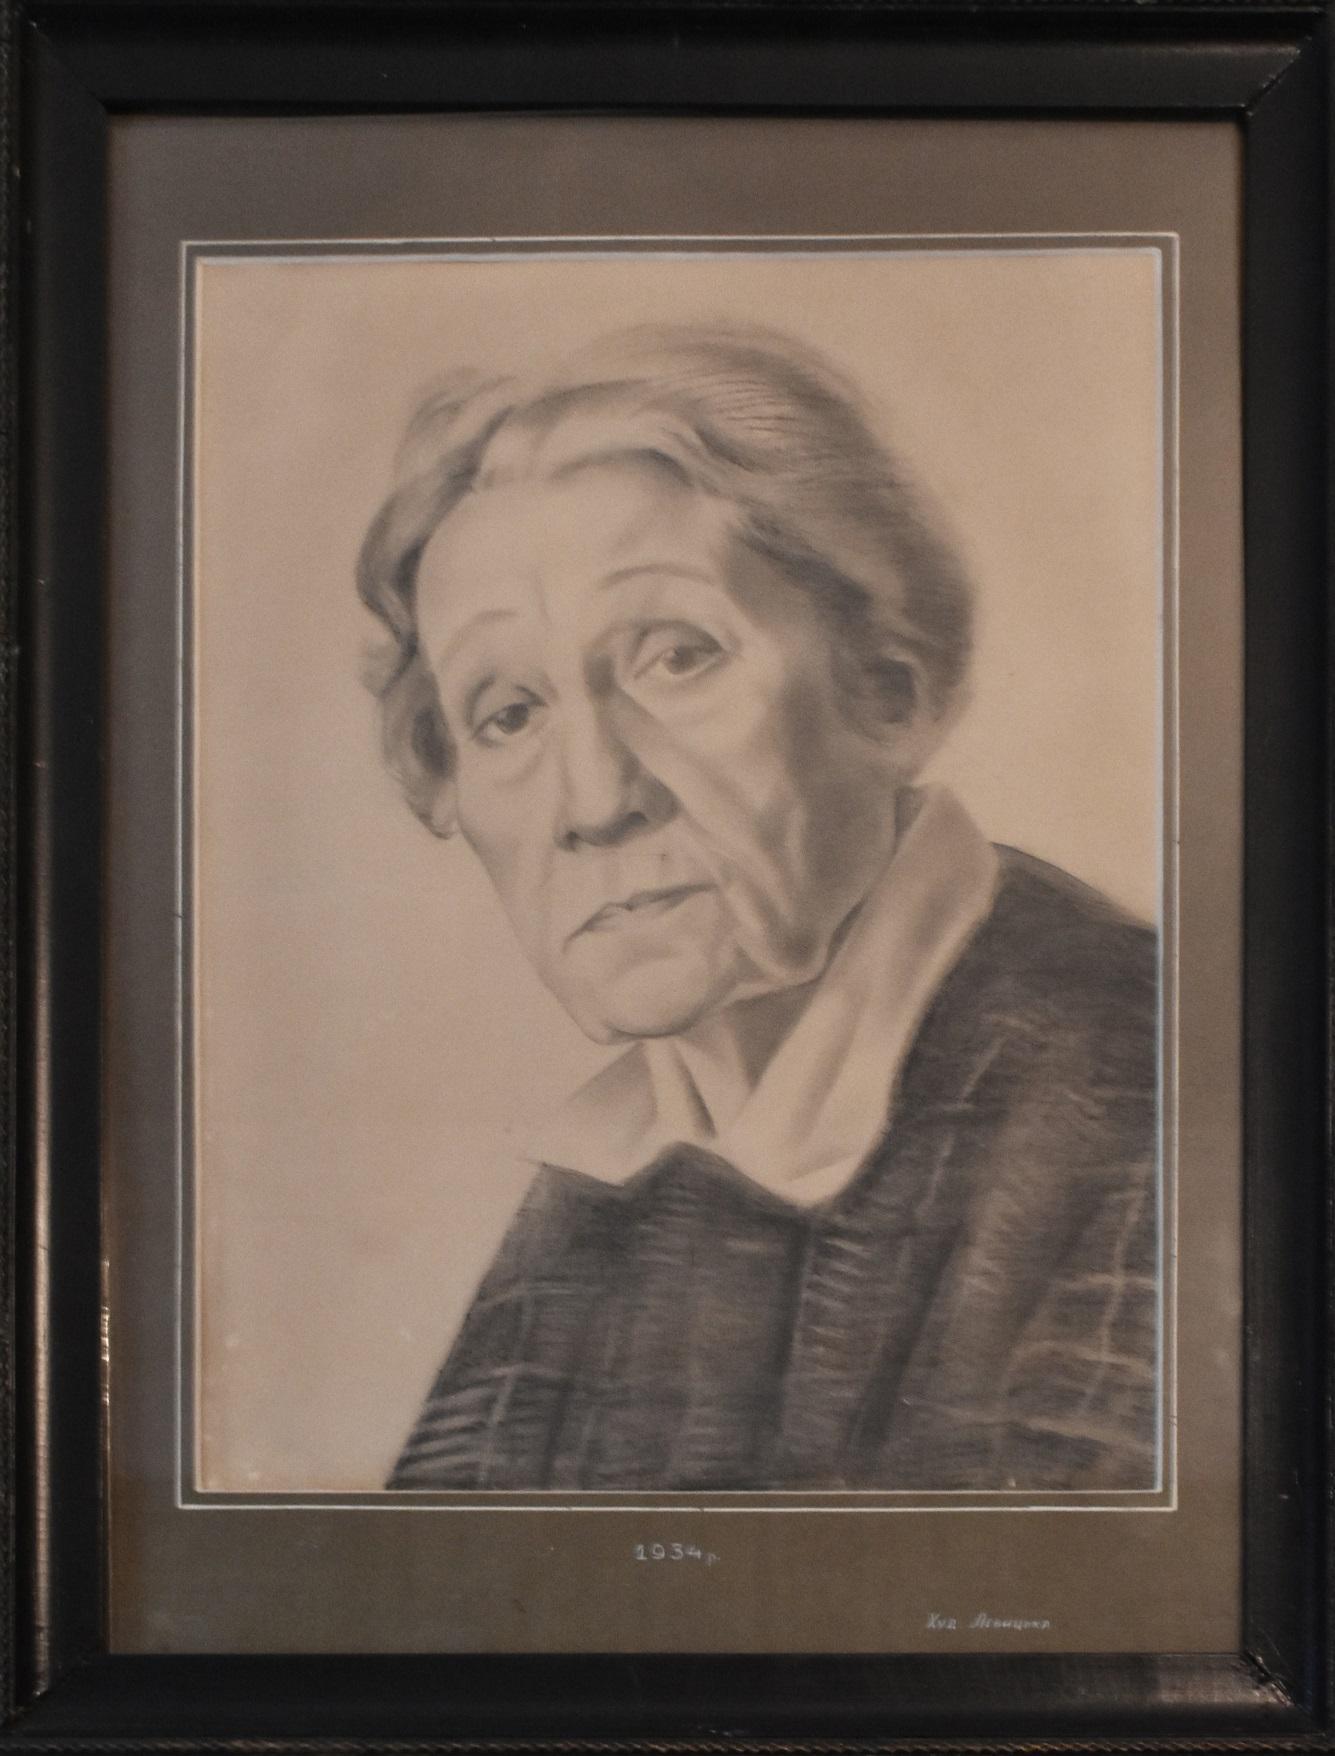 Останній прижиттєвий портрет Марії Заньковецької, художниця Е. Левицька.